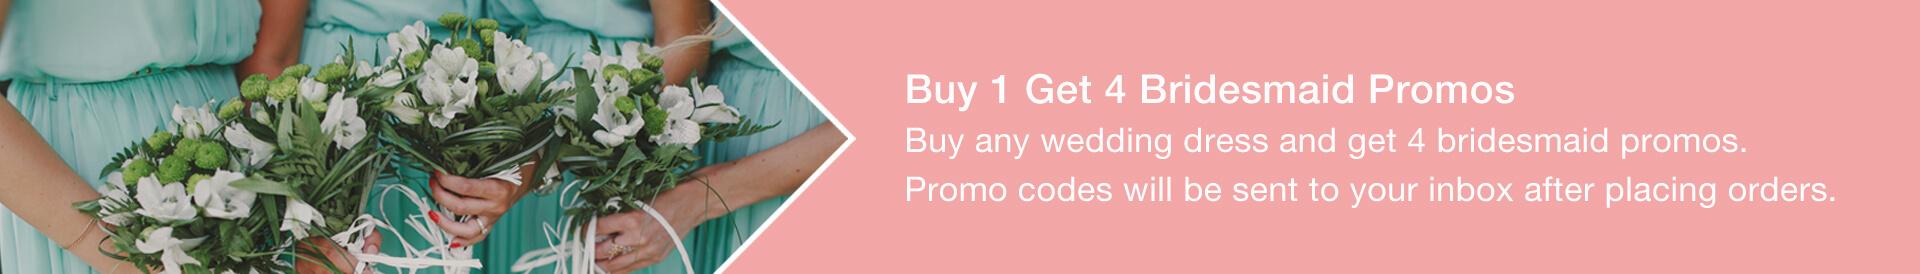 Buy 1 get 4 Bridesmaid promo